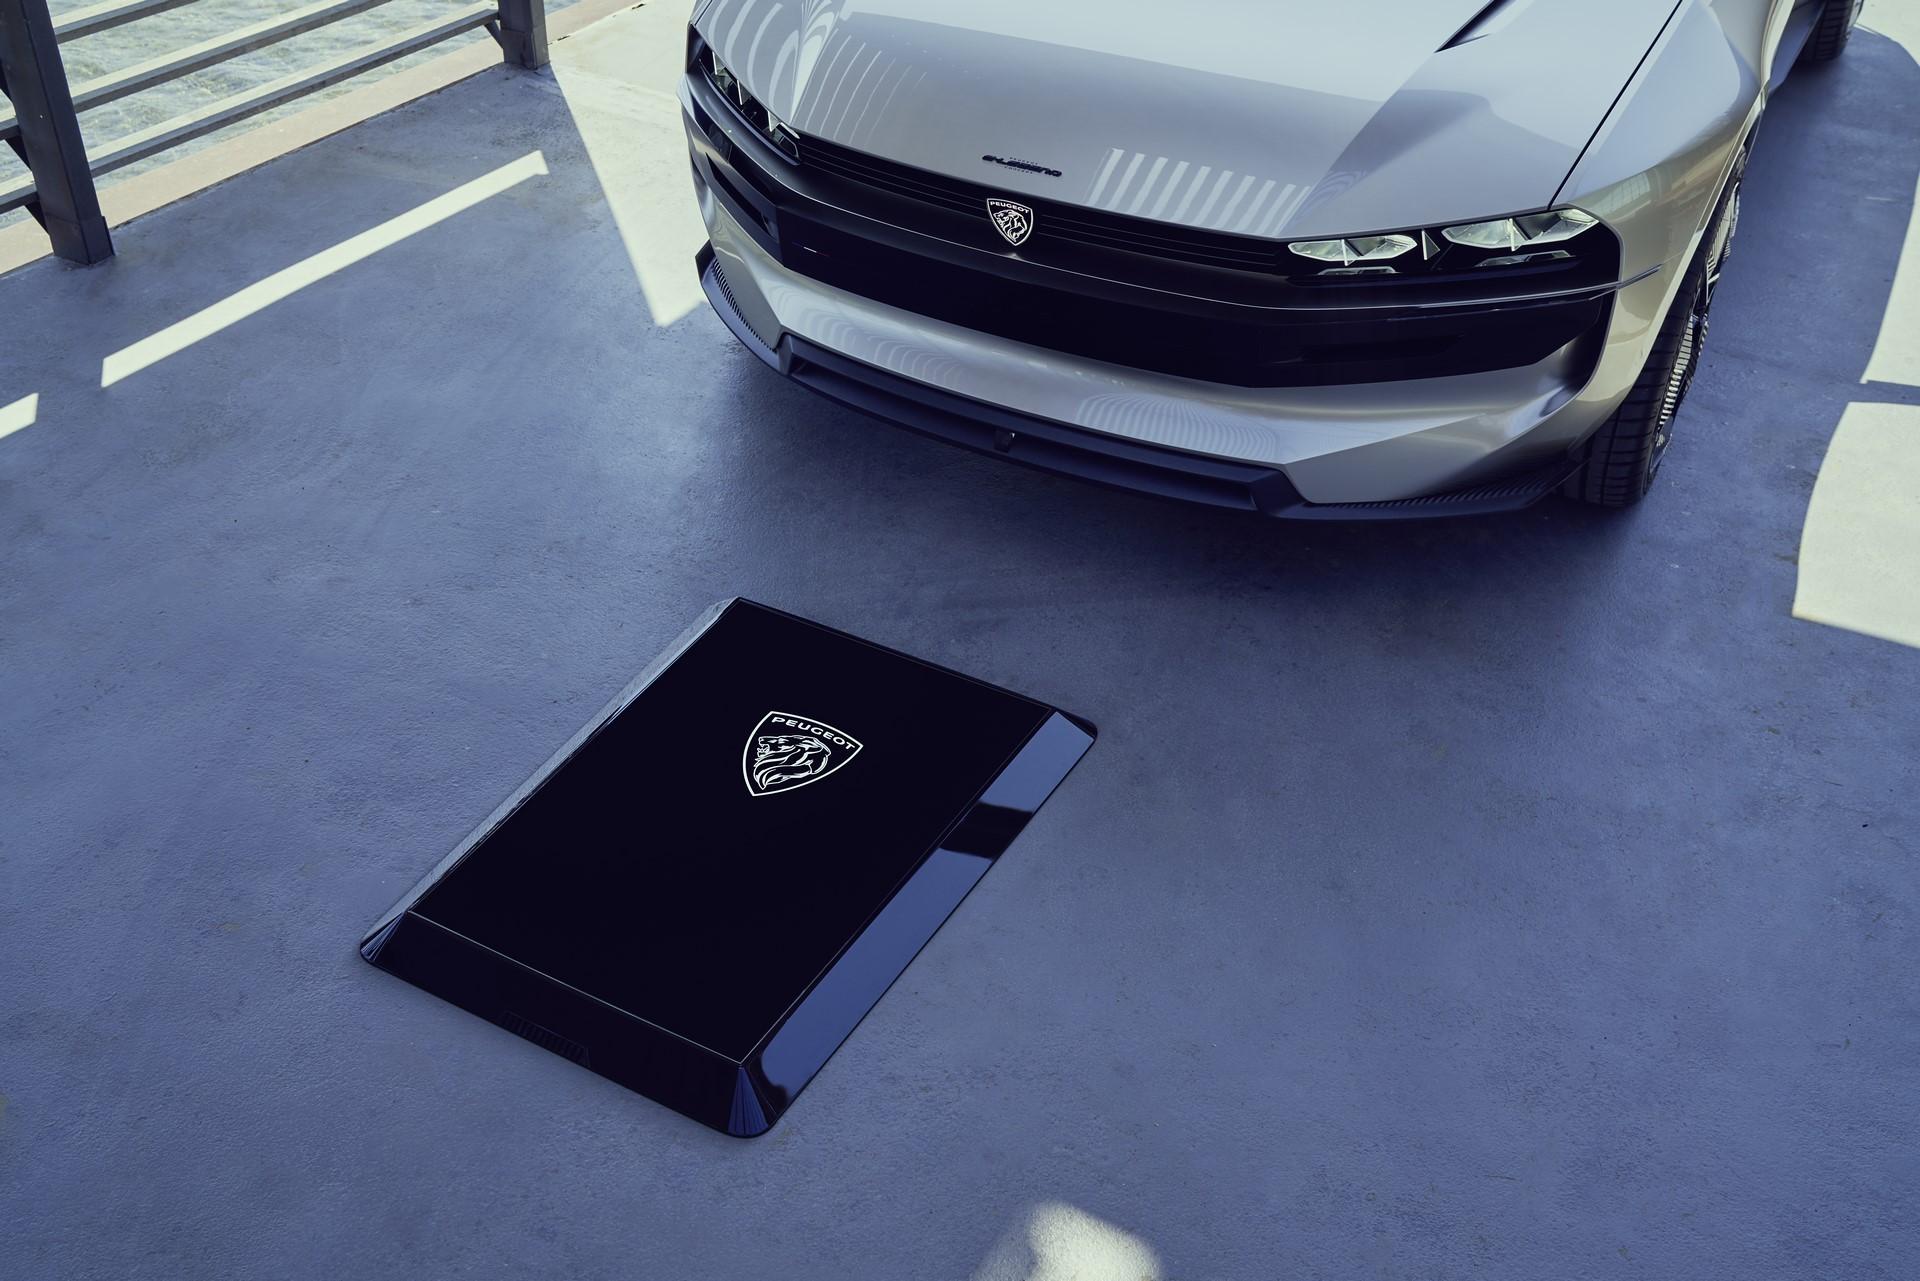 Peugeot E-Legend Concept (6)